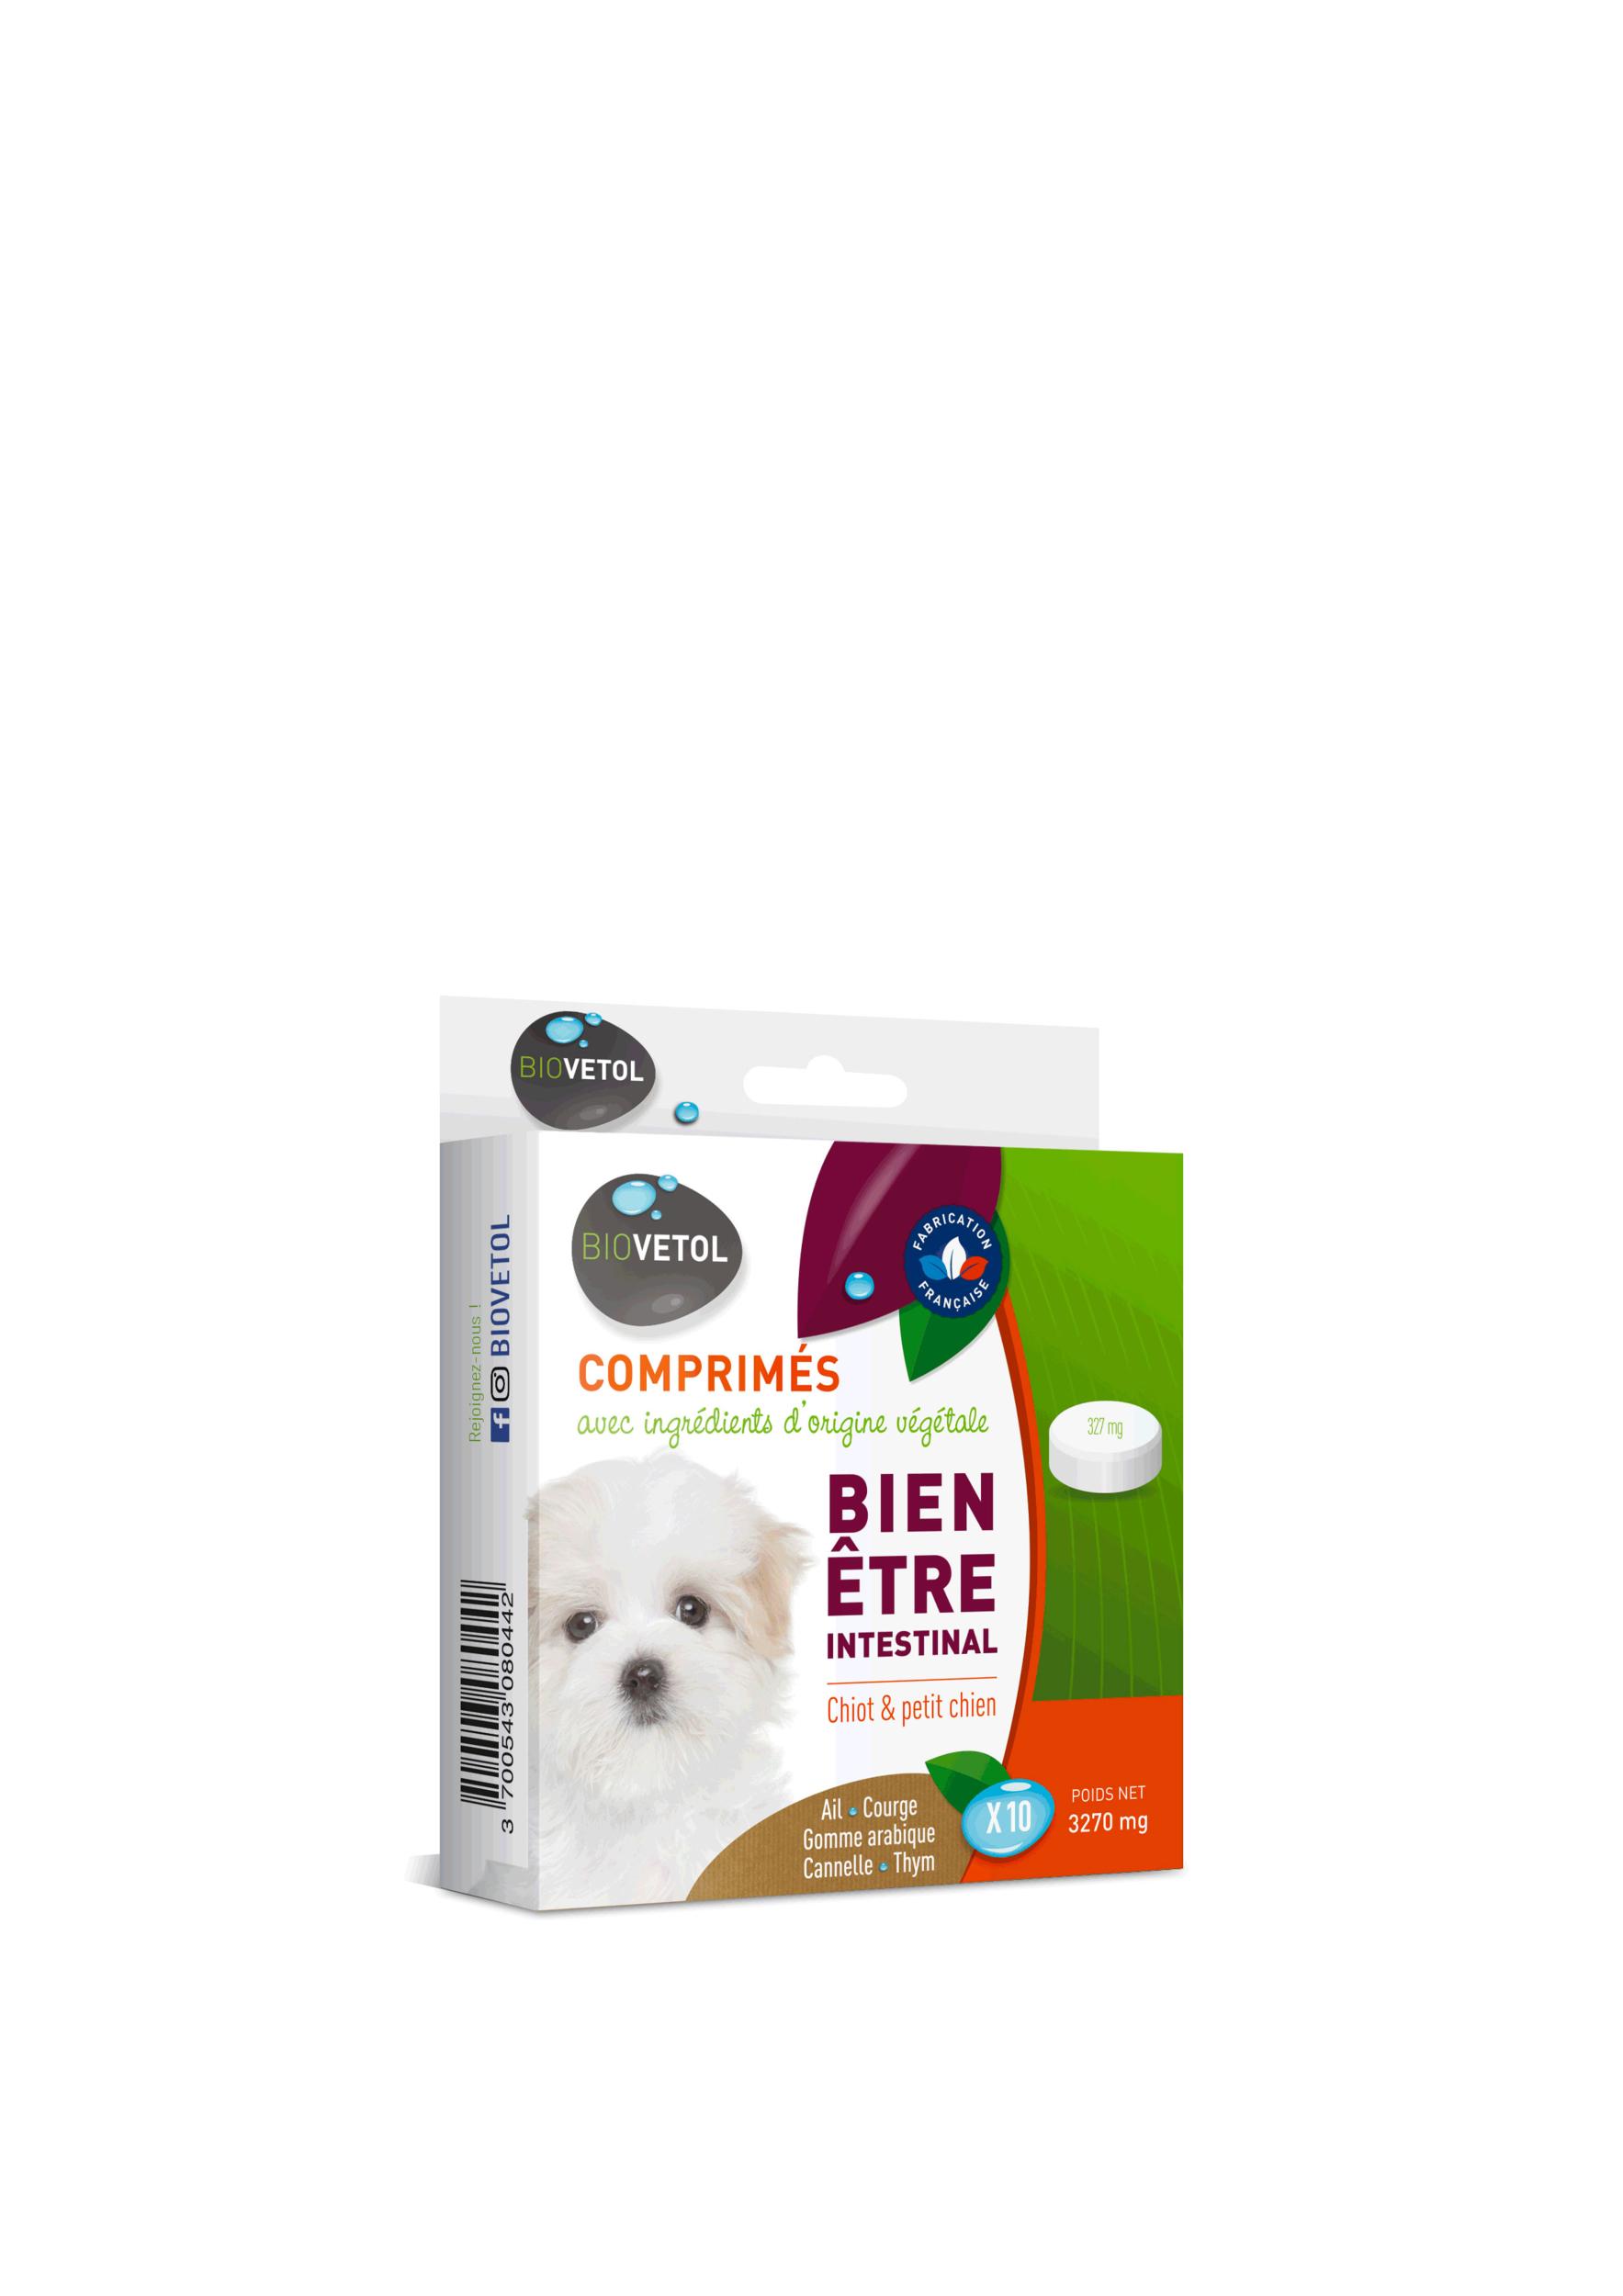 Comprimés Bien être intestinal Chiot et petit chien